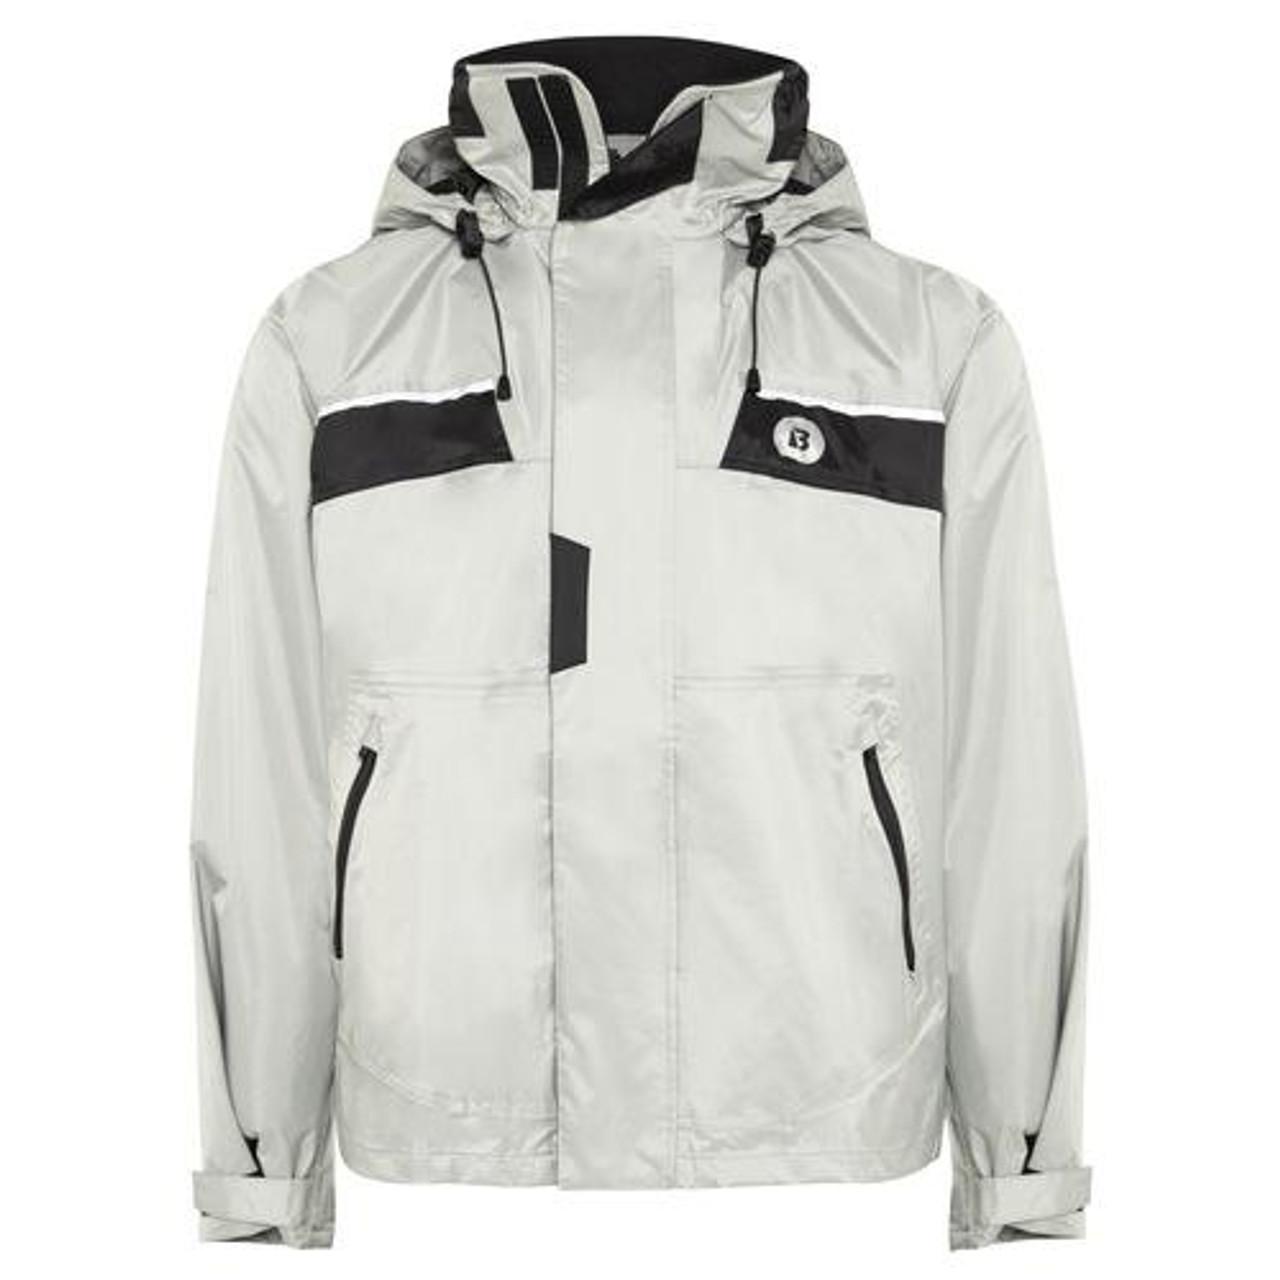 Spray Jacket - Medium